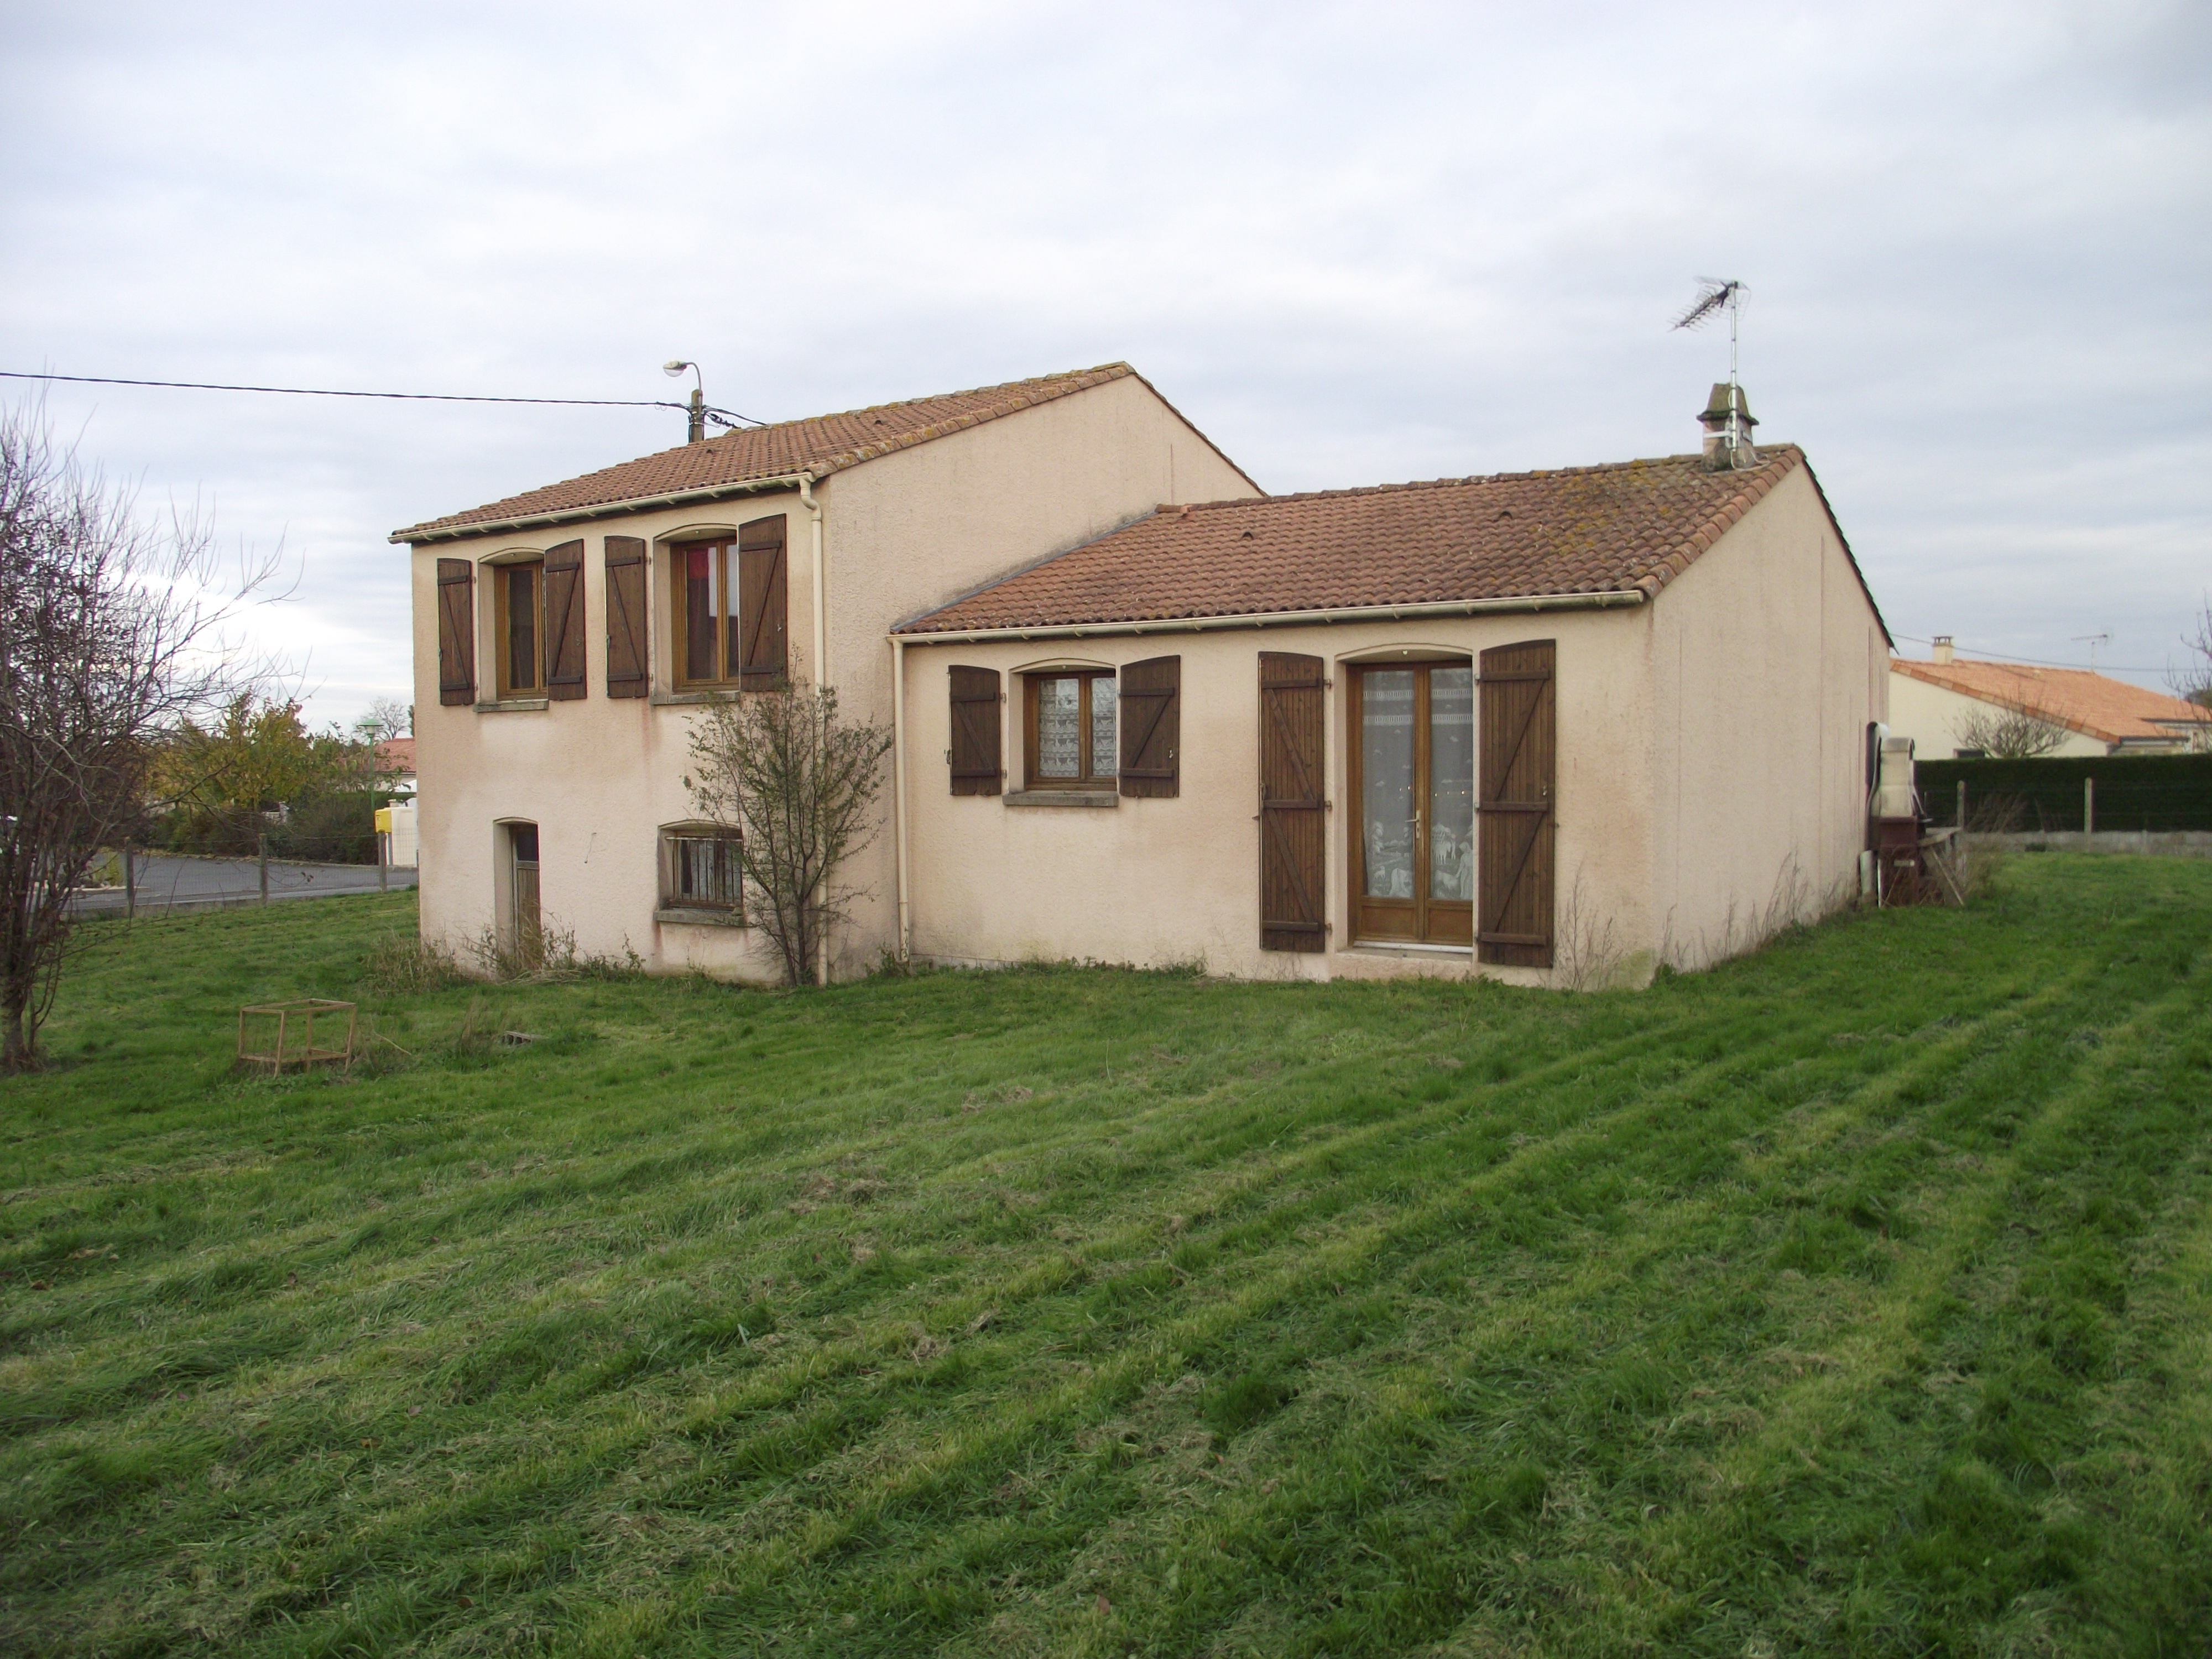 Maison vendre neuvy bouin 79130 axe pro ouest for Maison 80000 euros